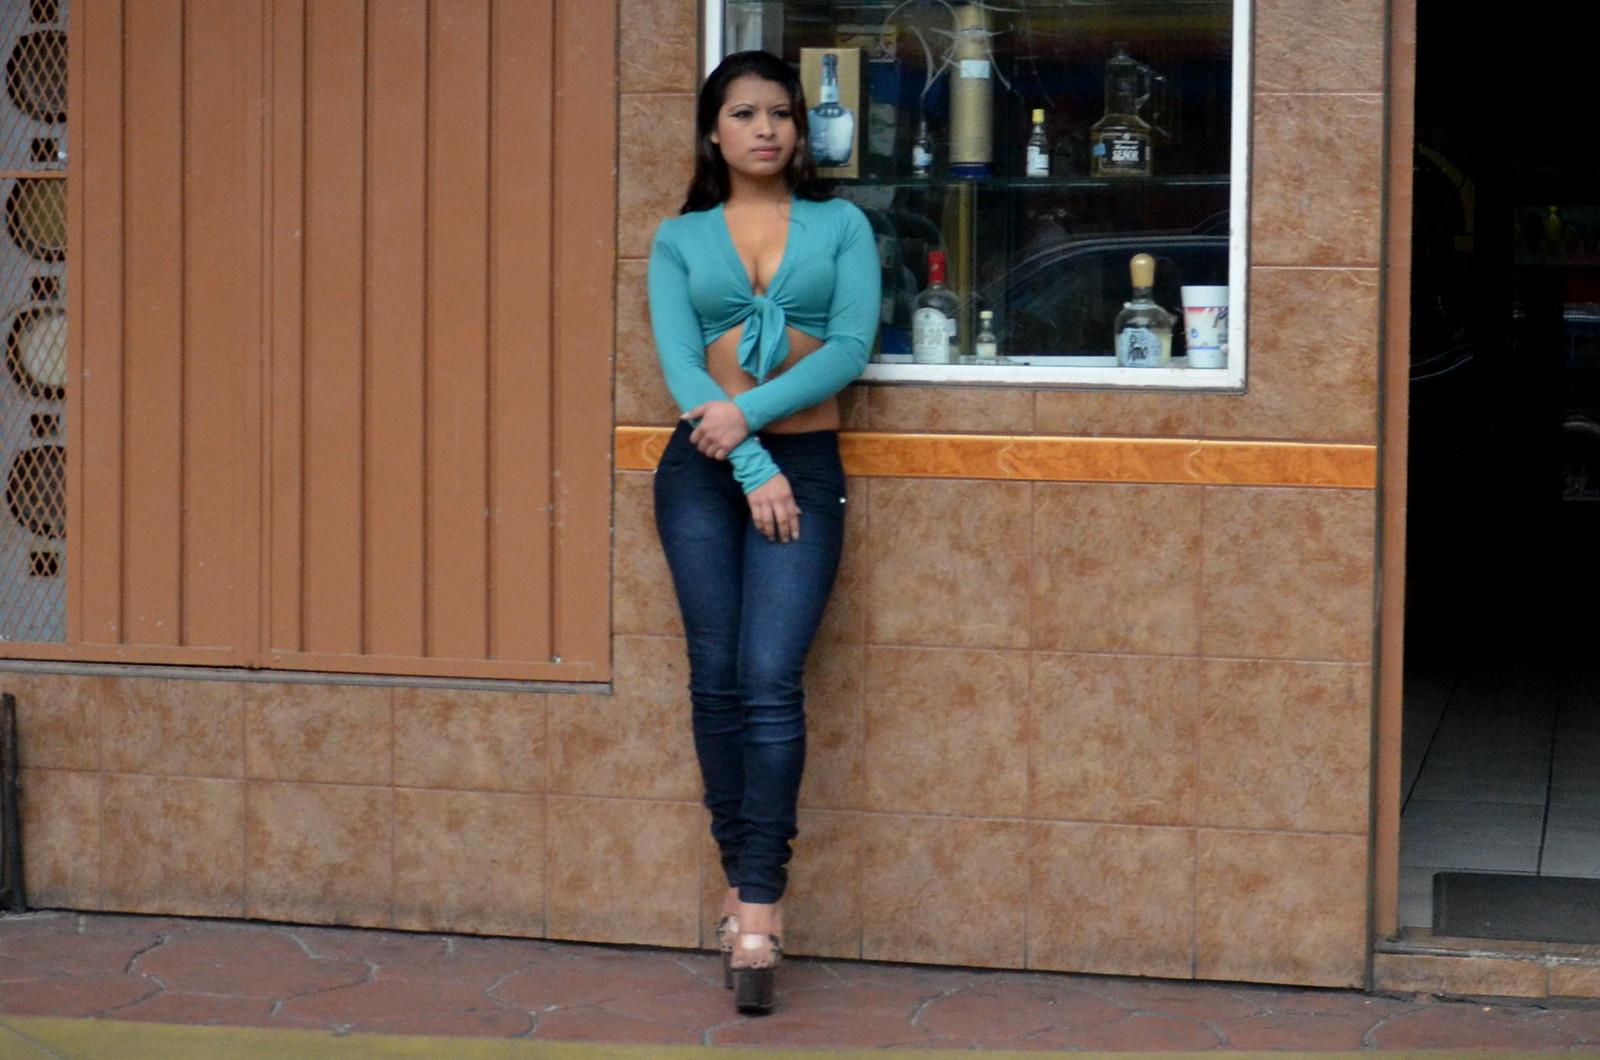 San diego street prostitute Part 10 6